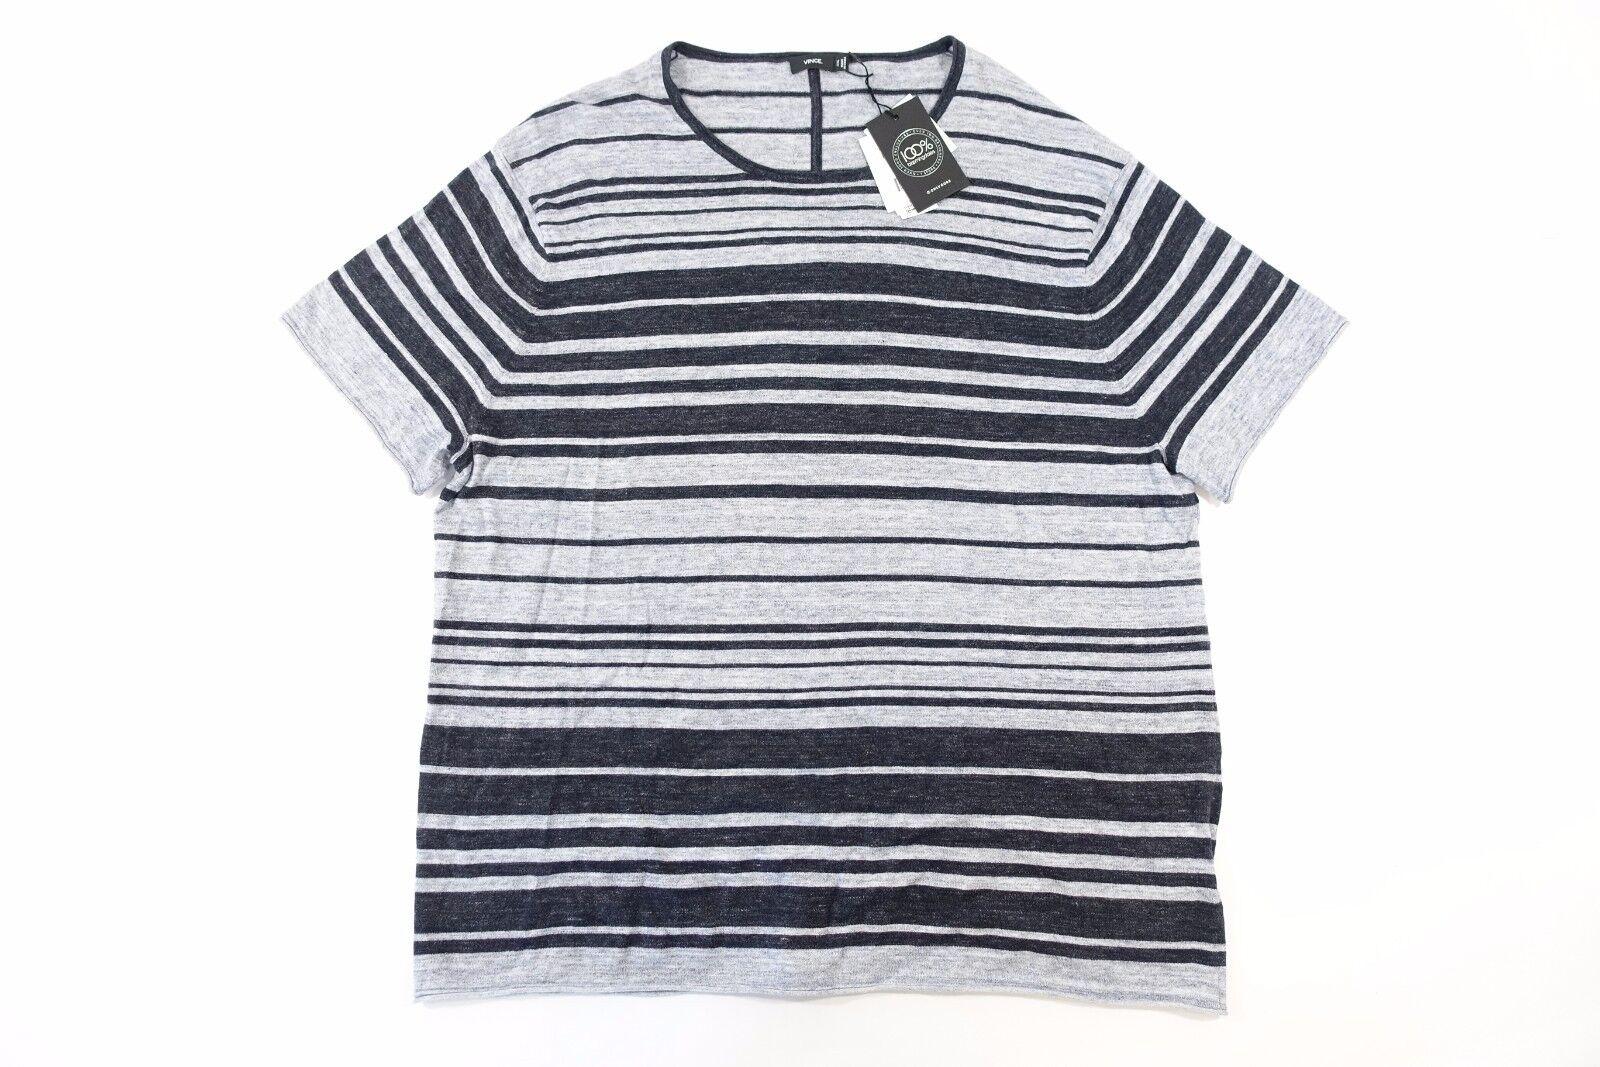 Vince M30416288 Gestreift Grau 2XL 2XL 2XL Weich Kaschmir Mischung Gewoben T-Shirt c872fb